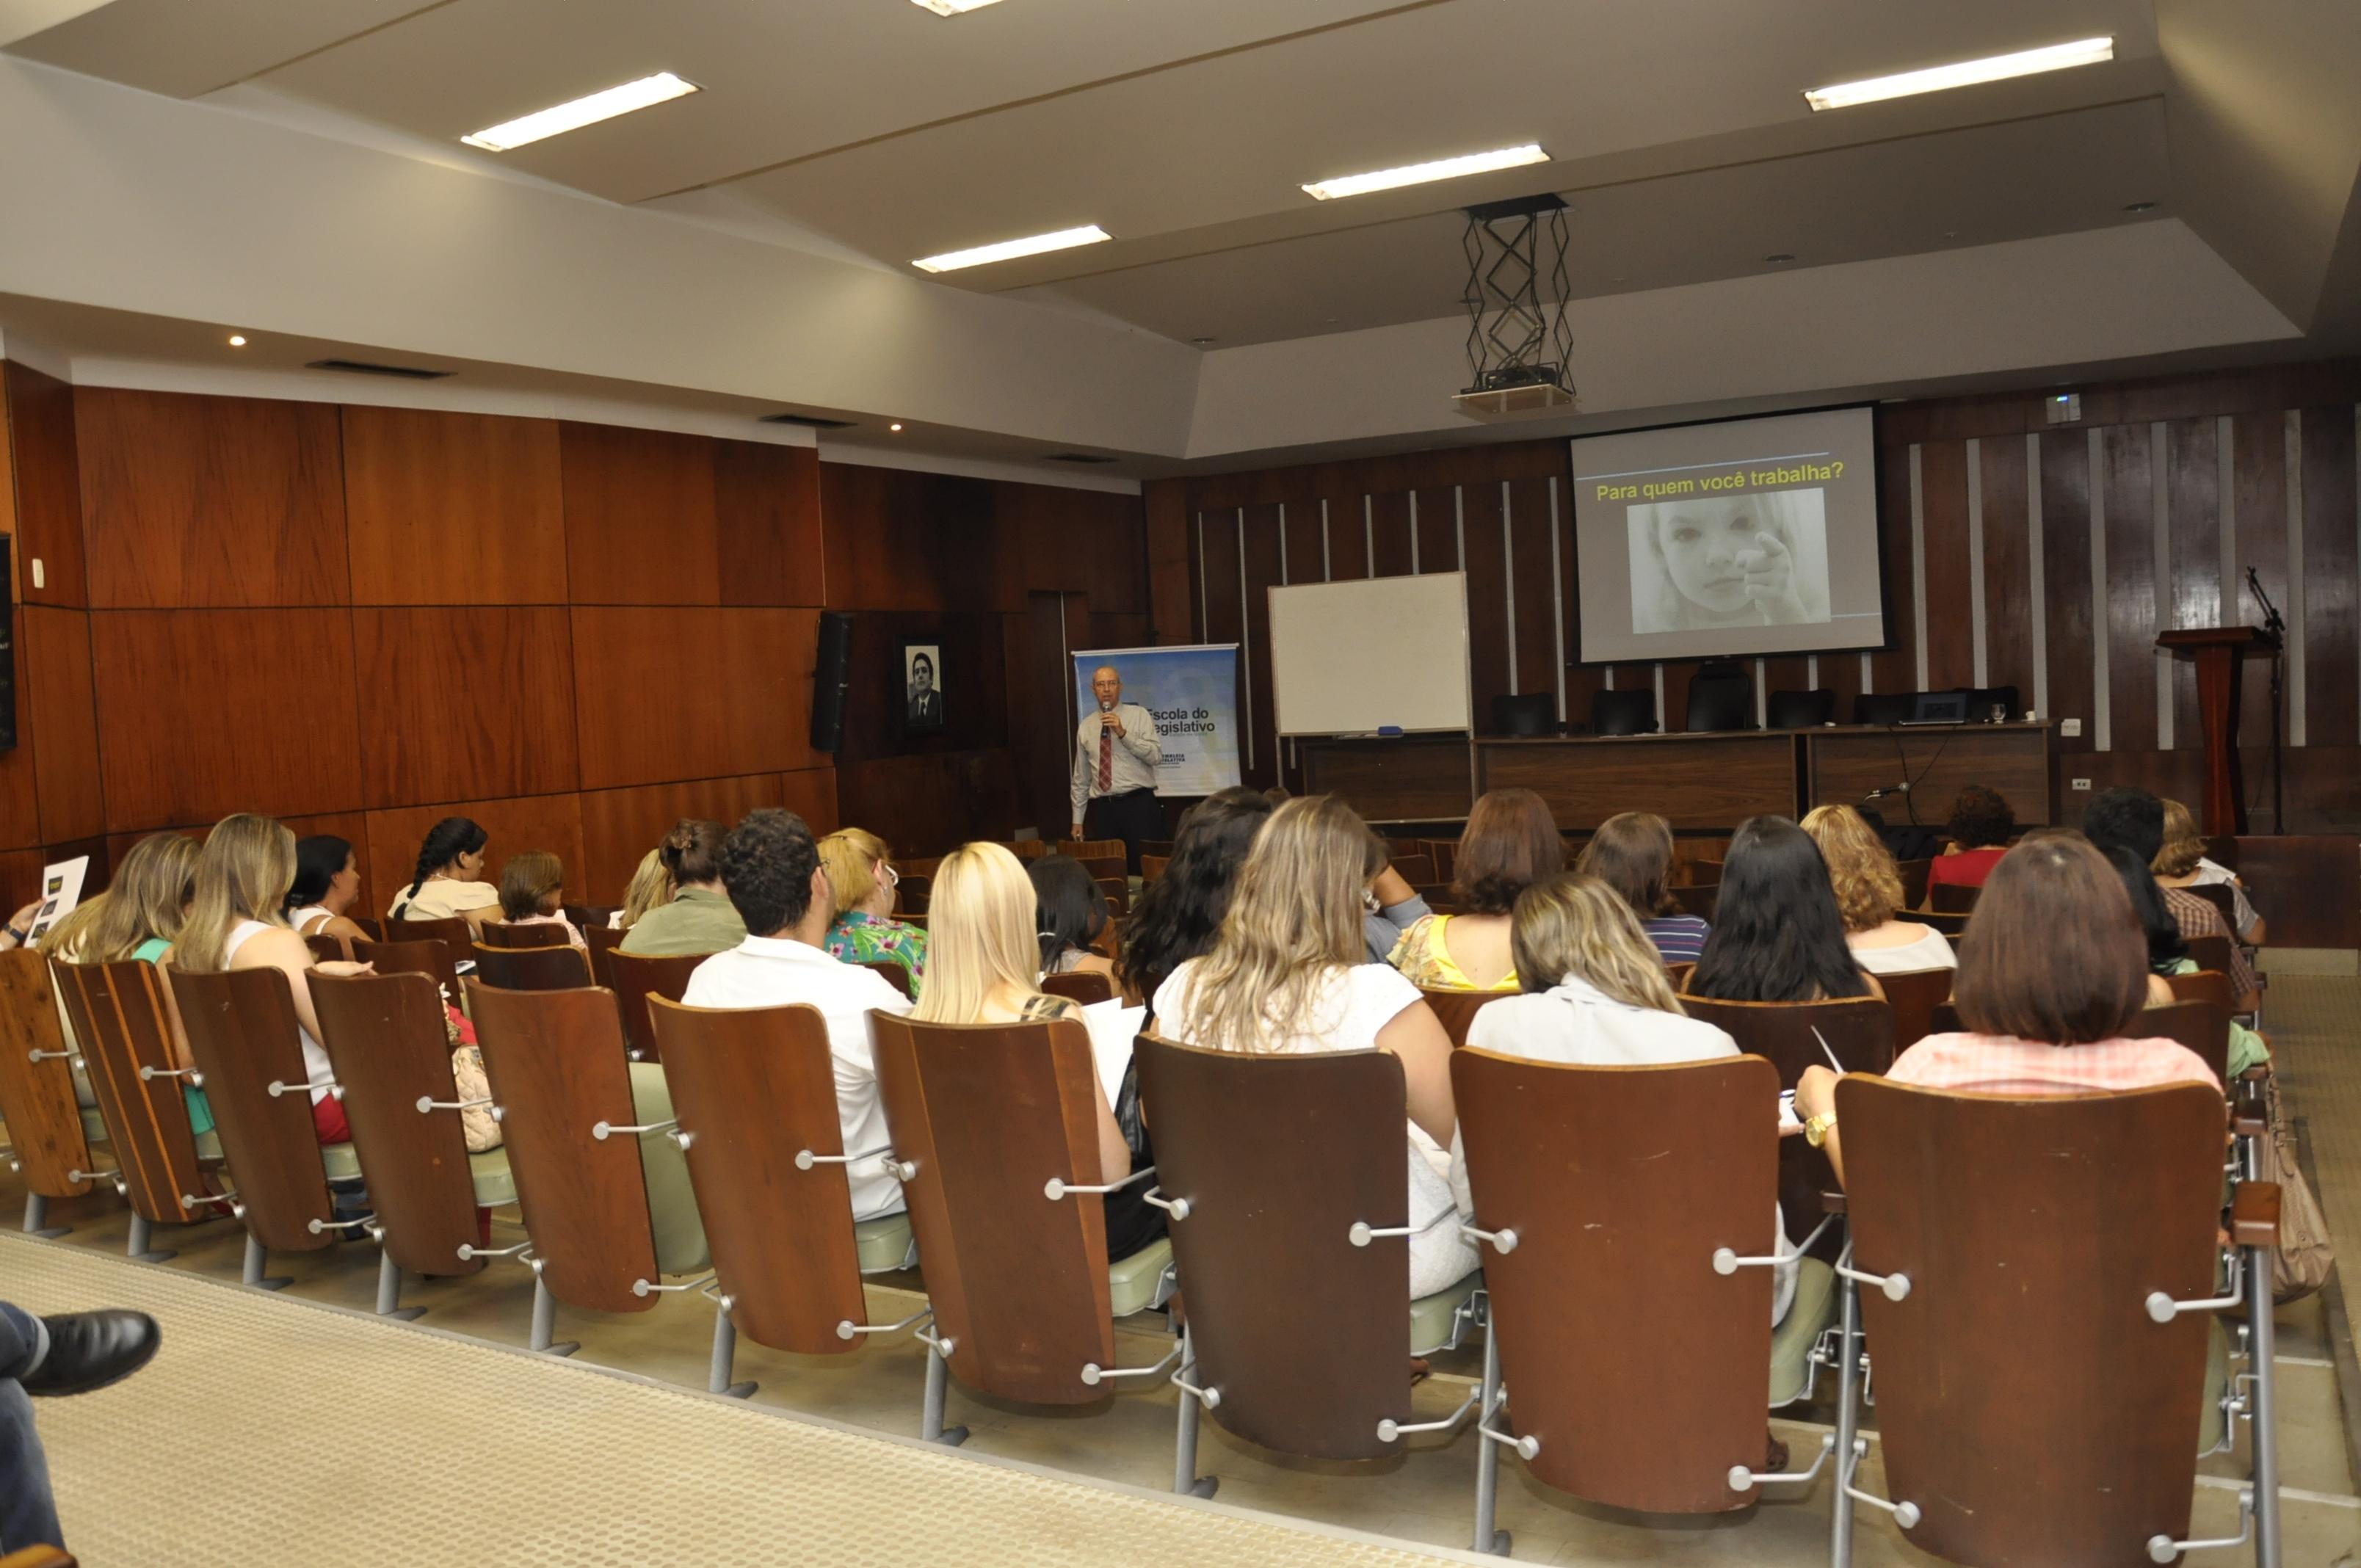 Interlegis realizou curso de Atendimento ao Público em parceria com Assembléia Legislativa de Goiás.